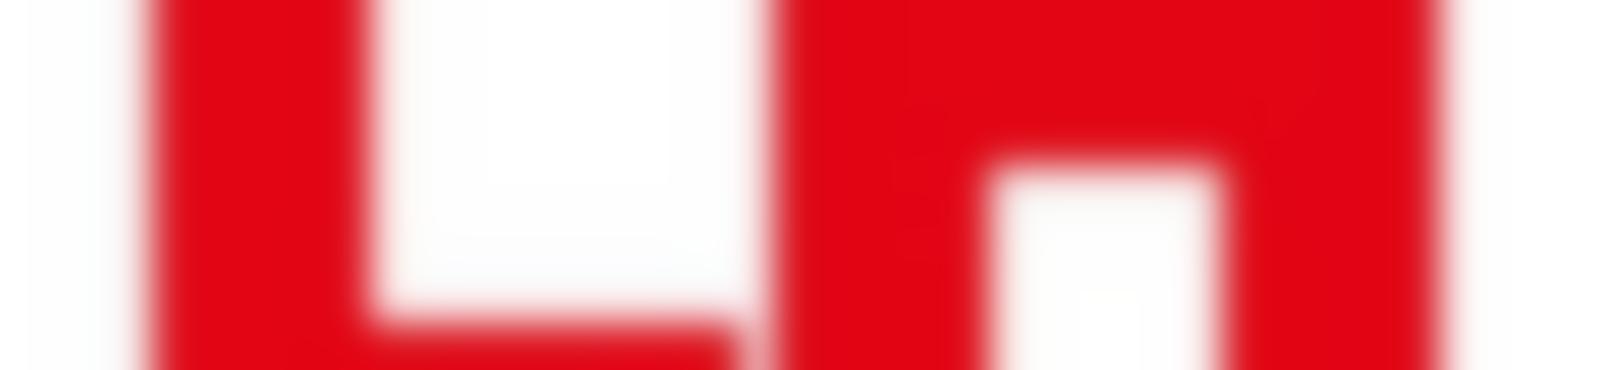 Blurred 9d2439f5 2607 4e08 96a9 b6801fdc3ef3